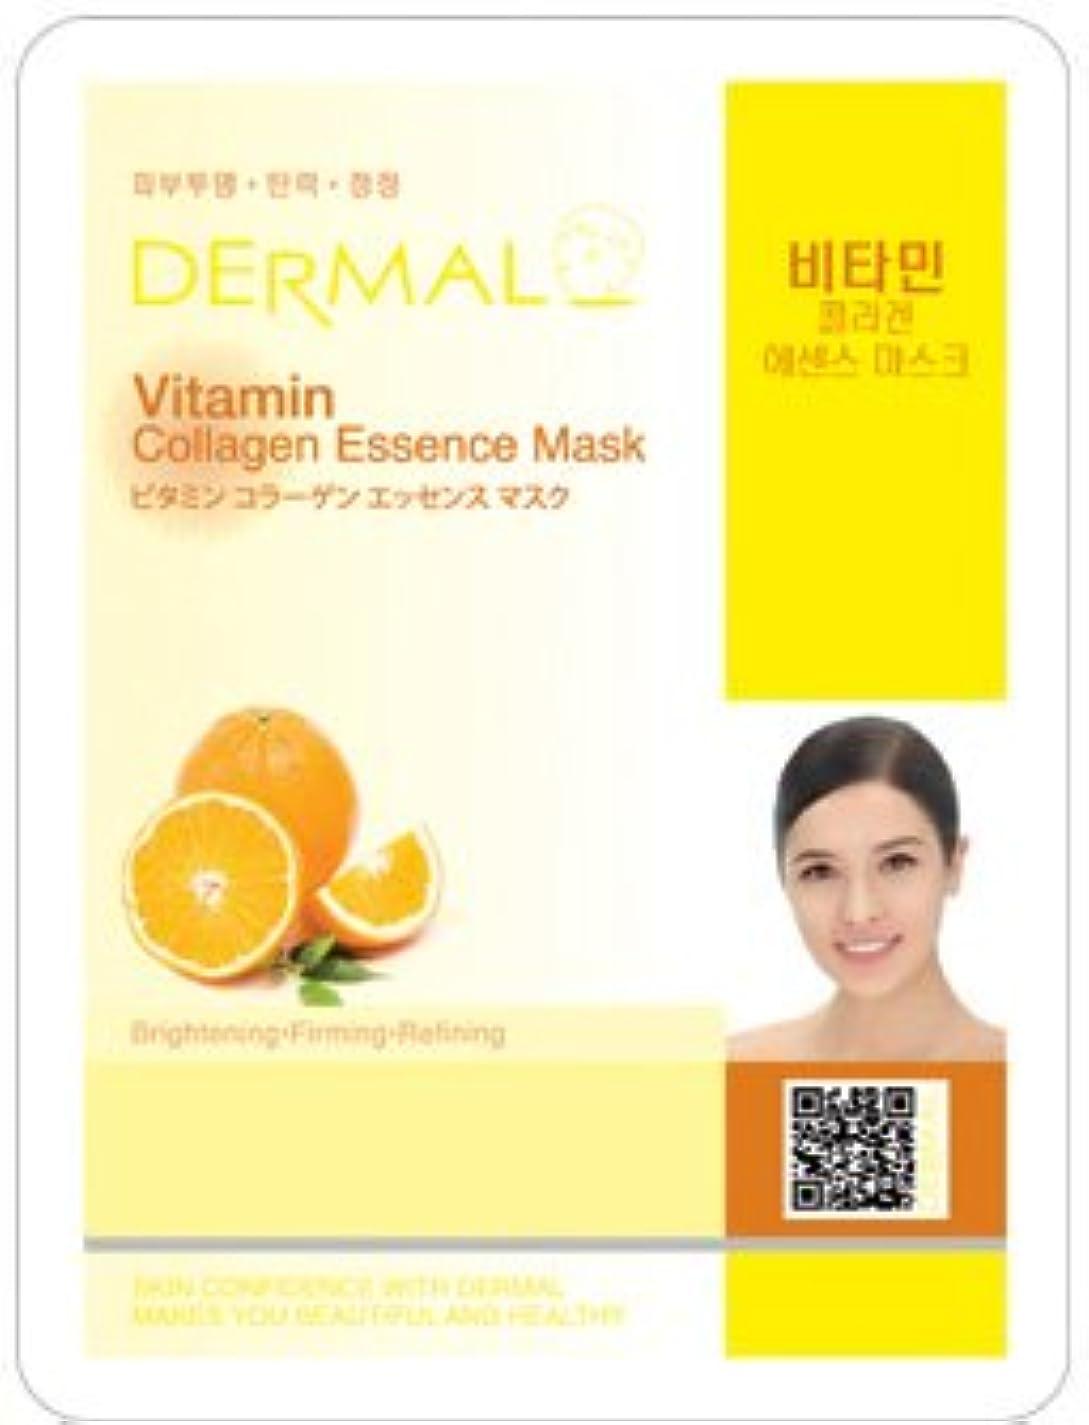 厚くする資金宿るシートマスク ビタミン 100枚セット ダーマル(Dermal) フェイス パック